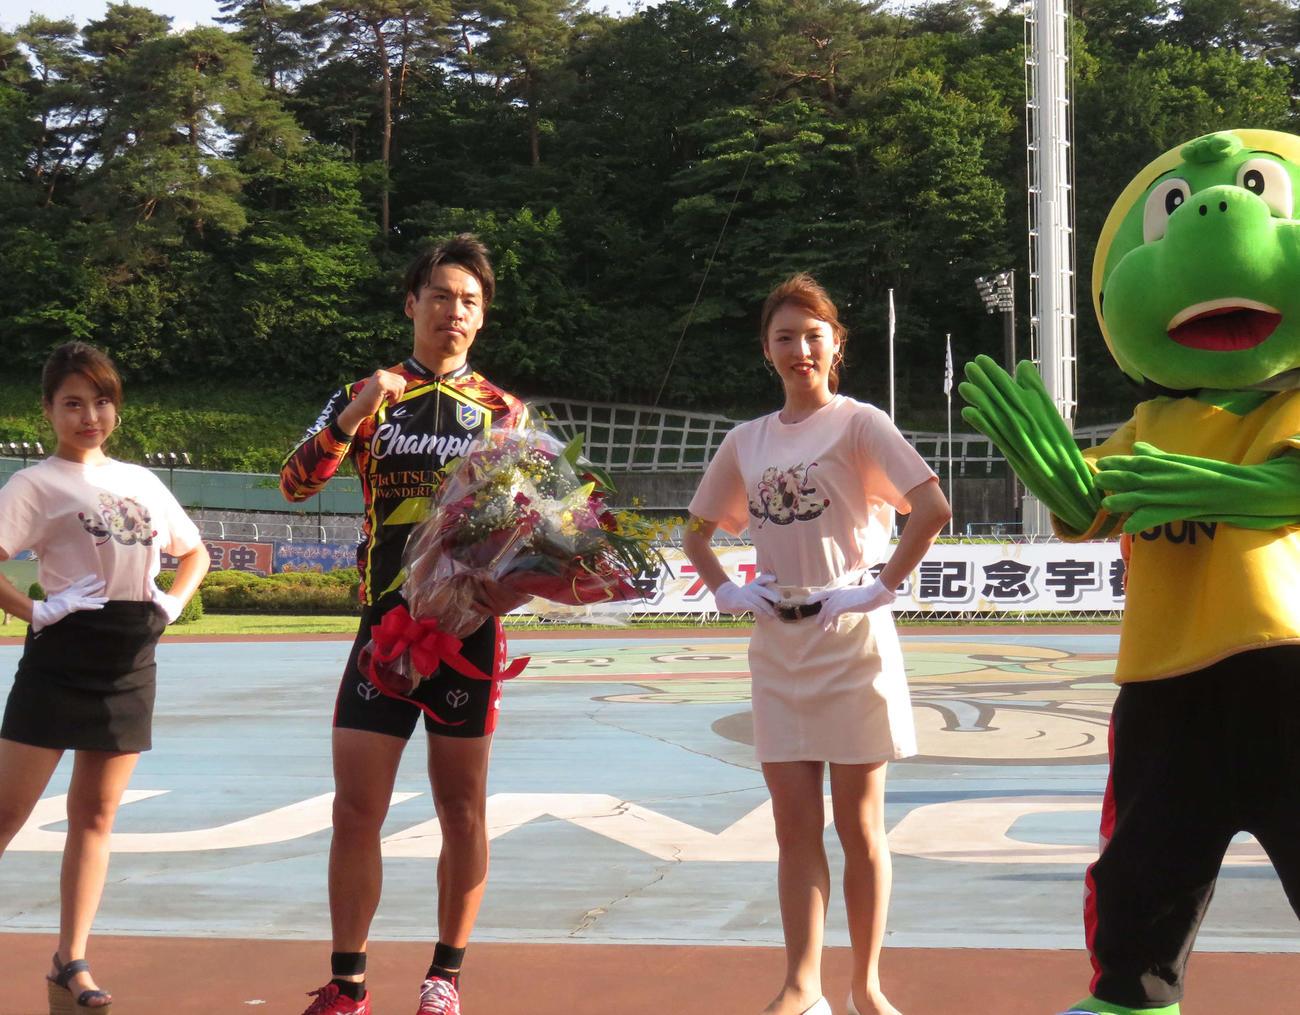 宇都宮競輪 浅井康太(左から2人目)が表彰式でガッツポーズする